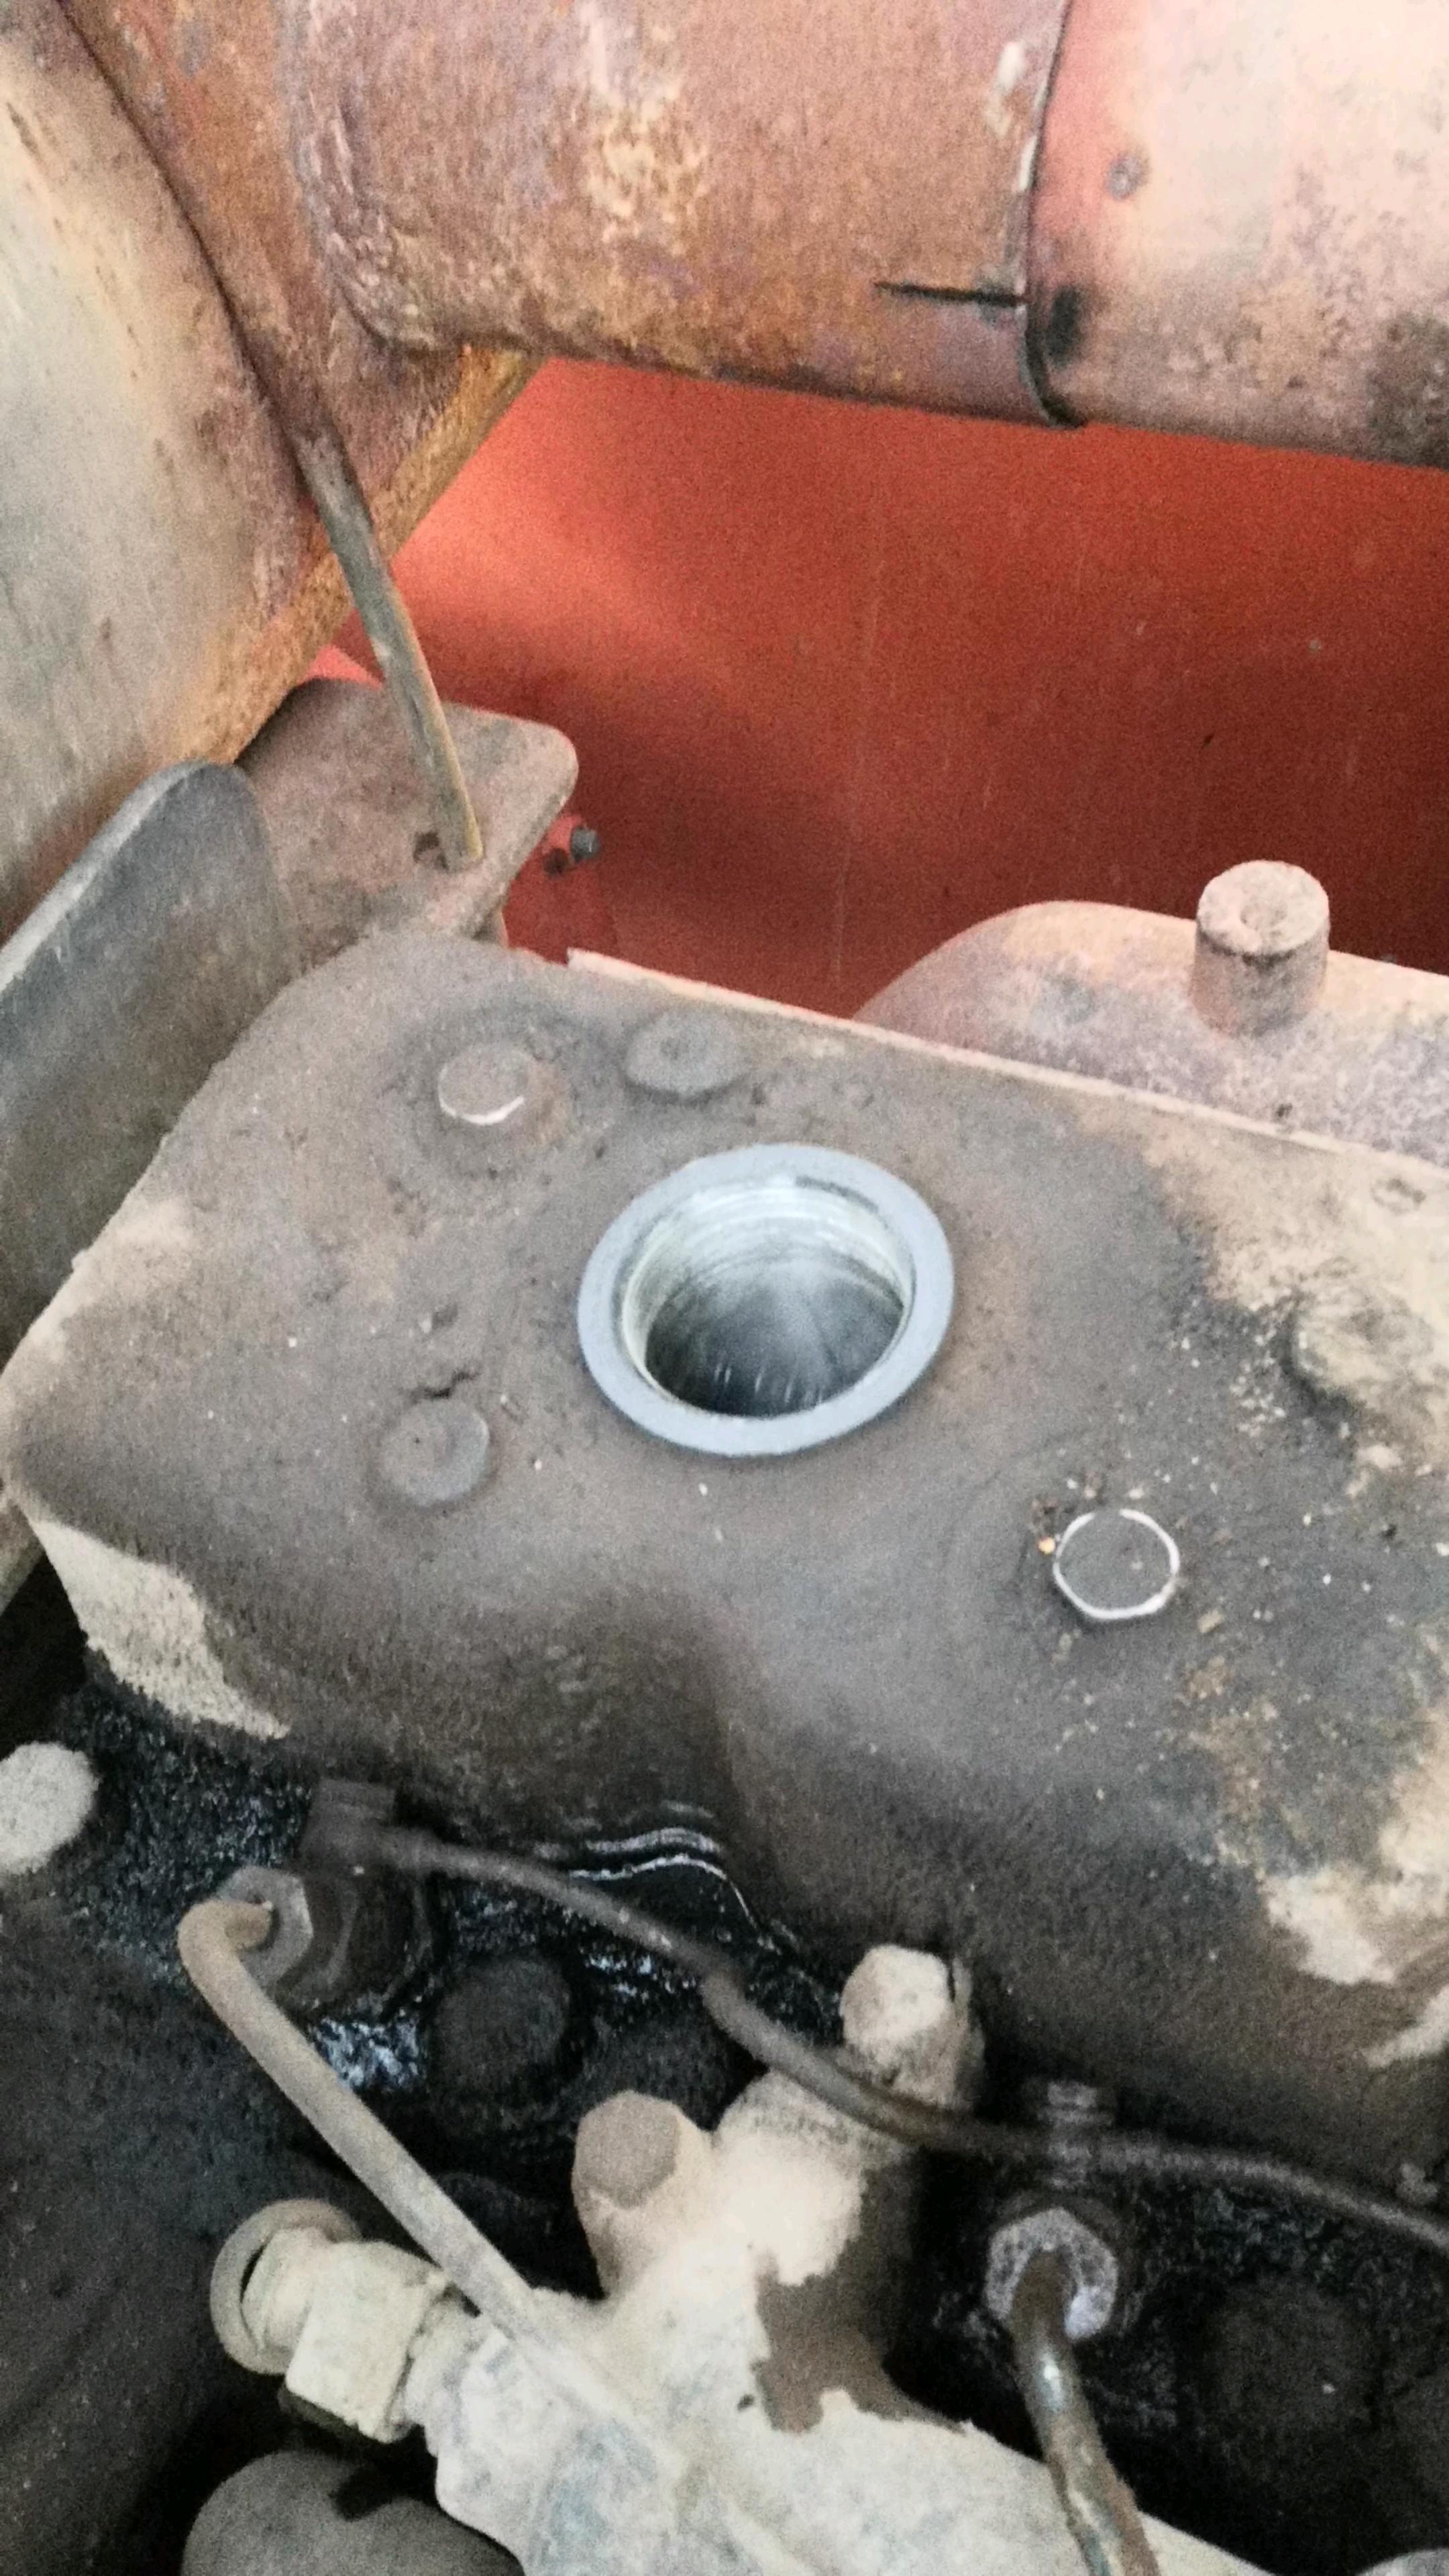 换个大泵骨架油封把发动机干废了